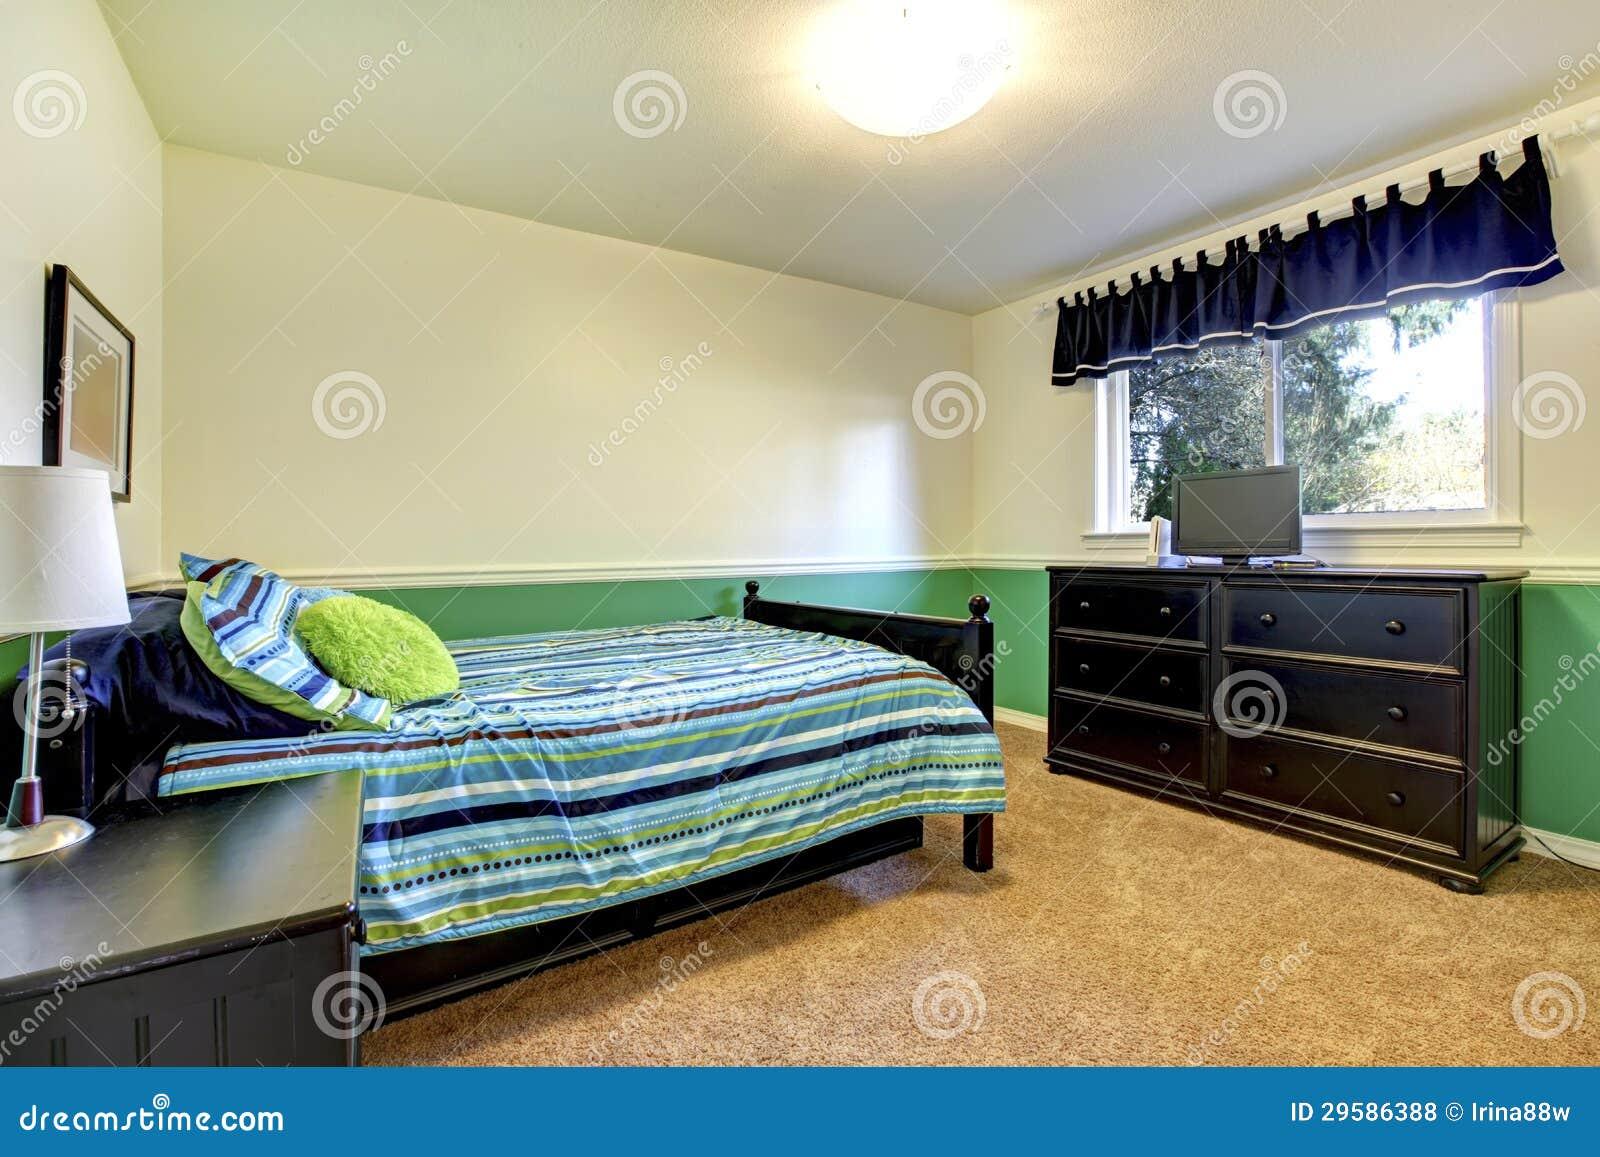 Tiener Slaapkamer Kleuren.De Slaapkamer Van De Tiener Met Zwarte En Groen Stock Foto